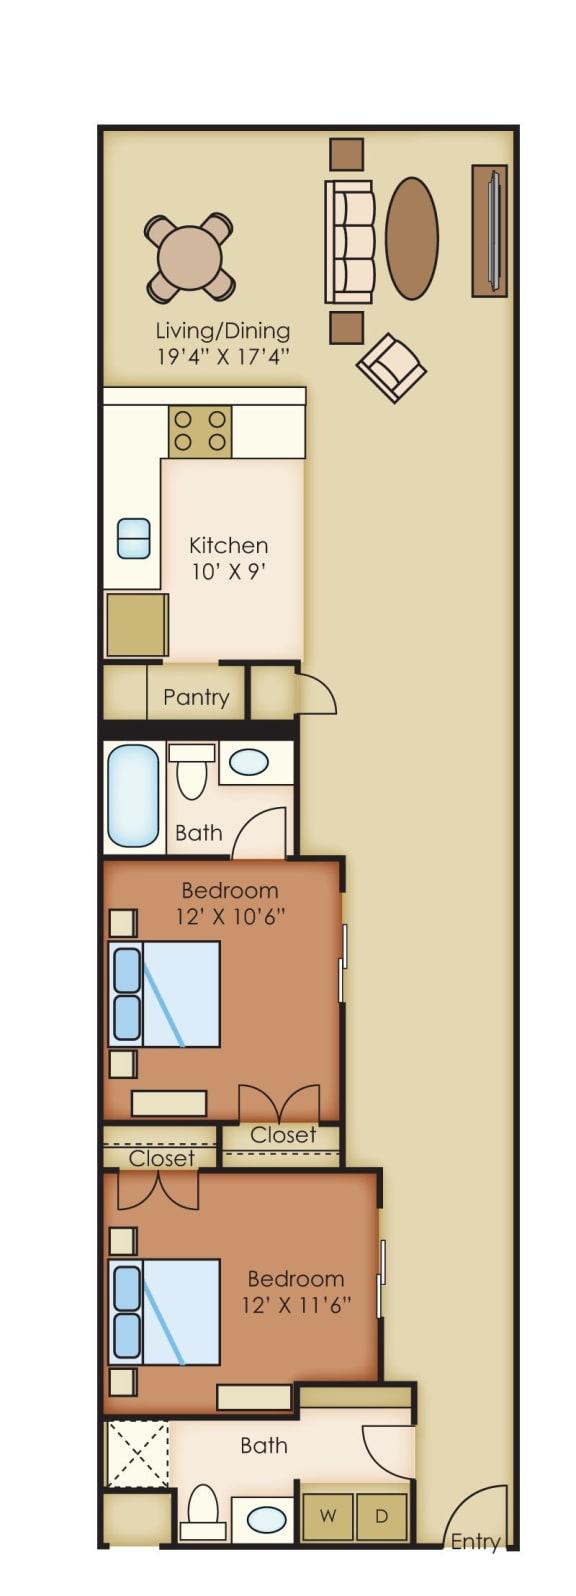 Worman 1180 sf 2 Bedrooms 2 Bath